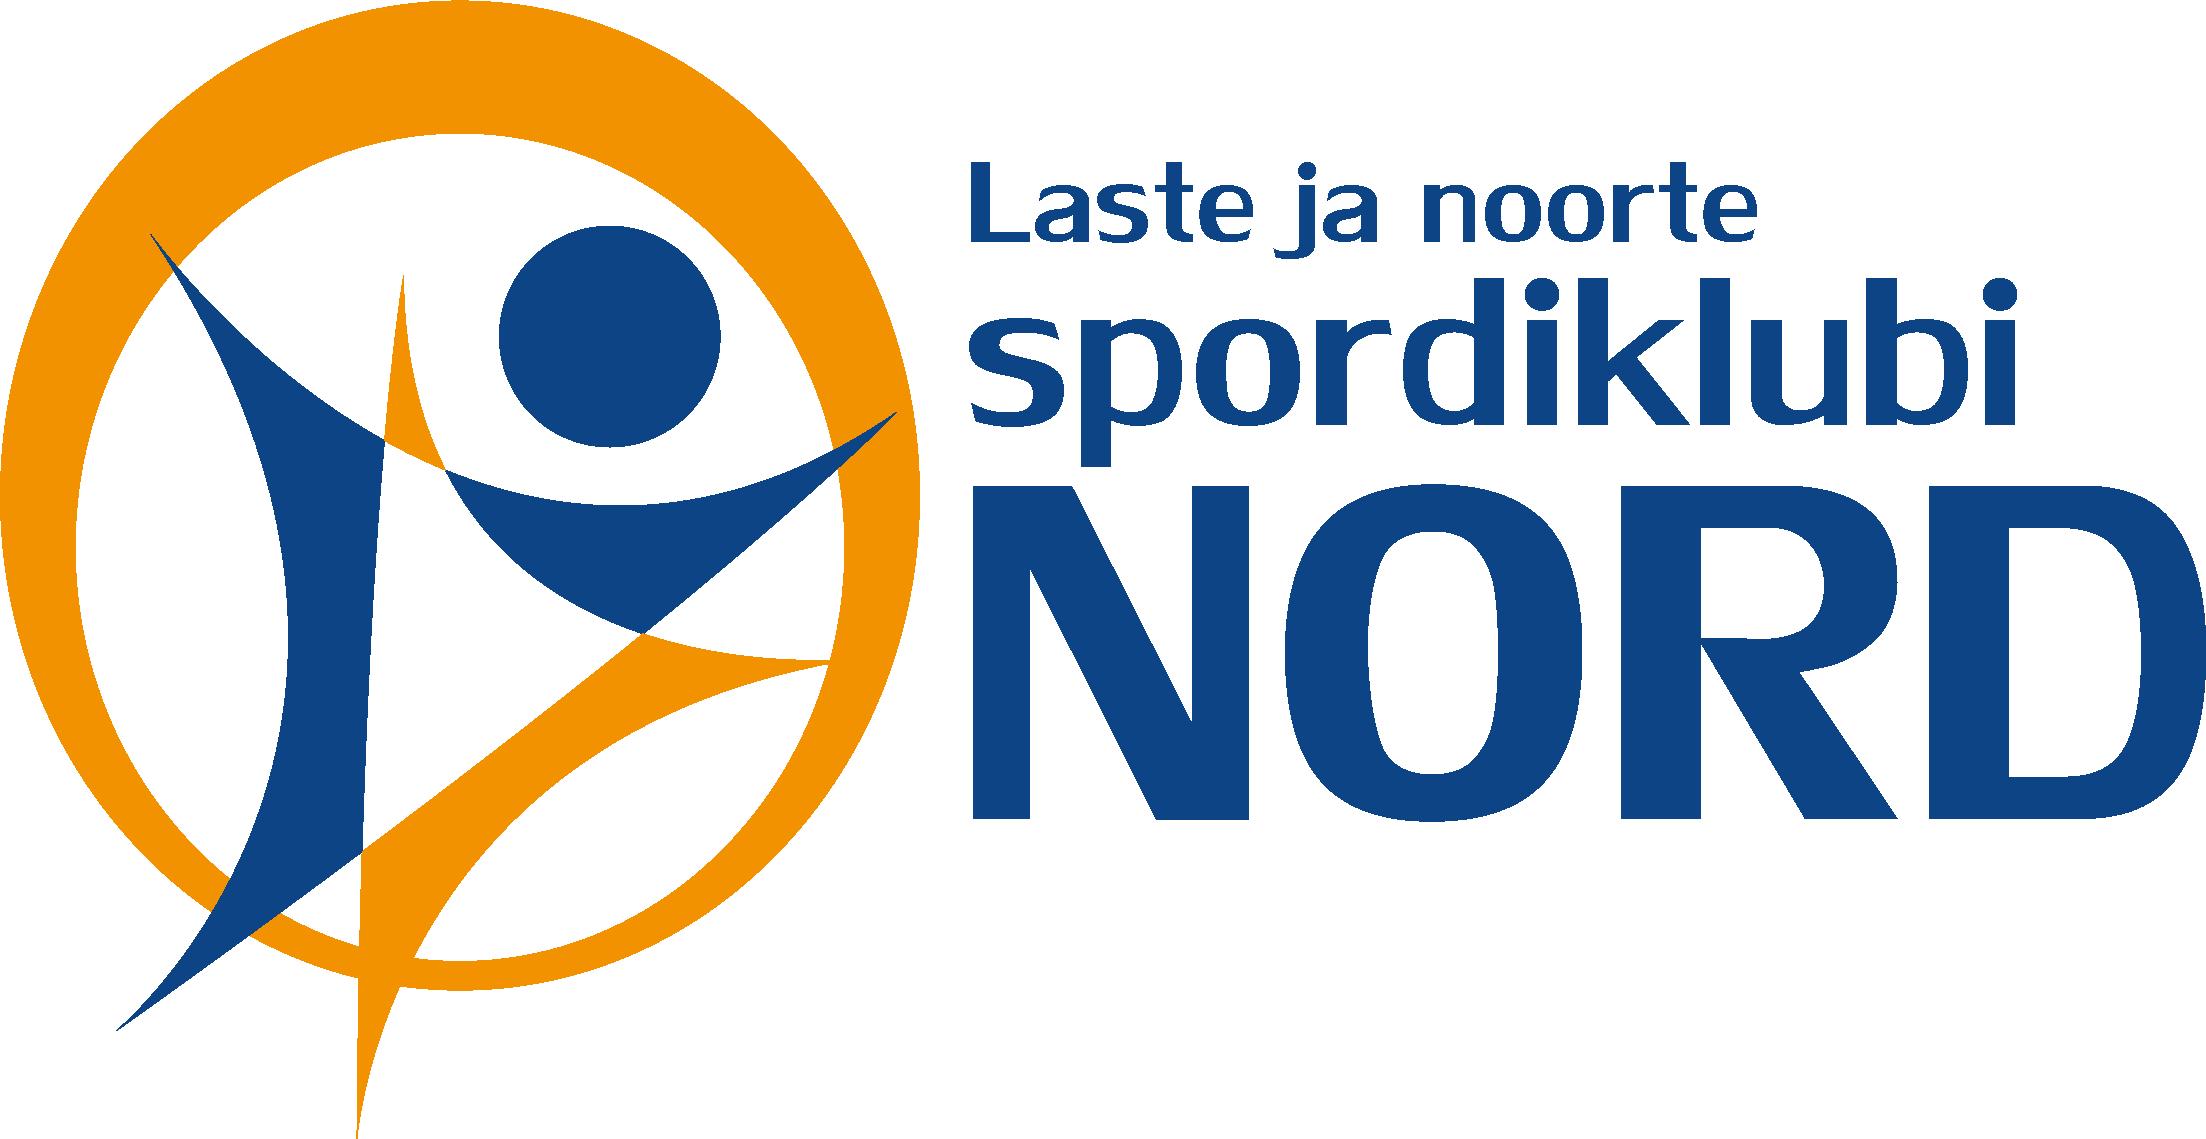 b17b084ce73 Laste ja noorte spordiklubi Nord